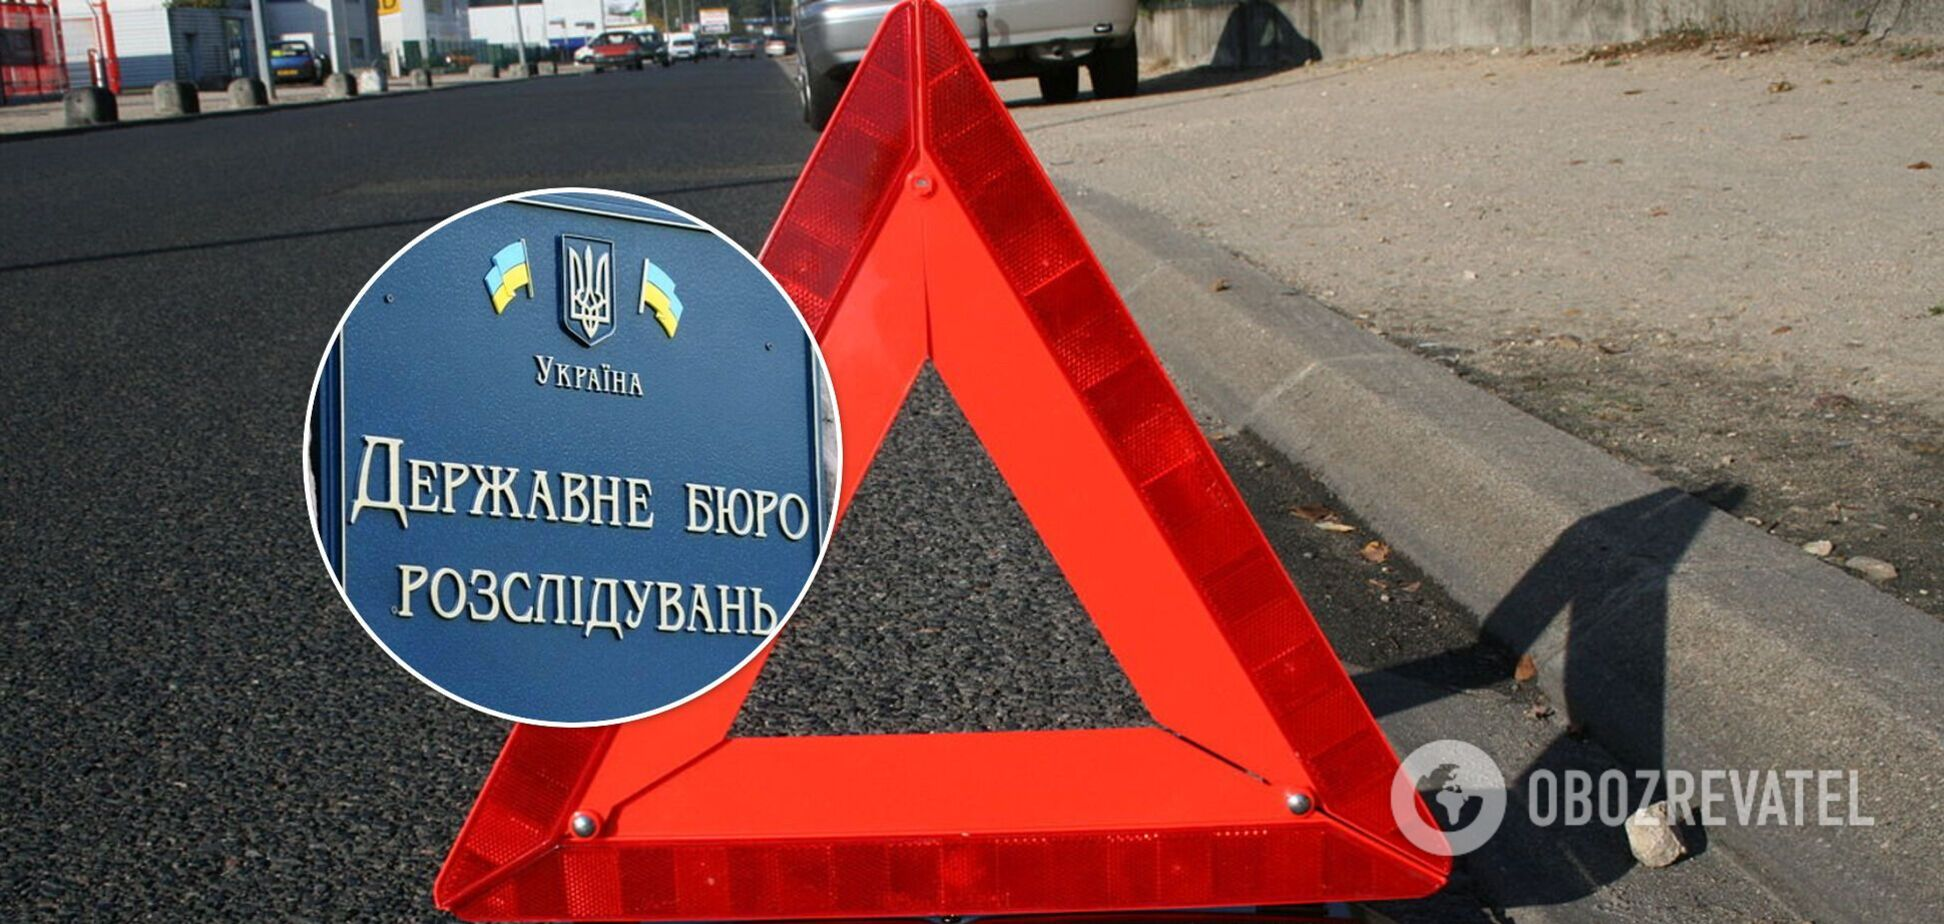 Розслідування ДТП за участю нардепа в Києві передали ДБР